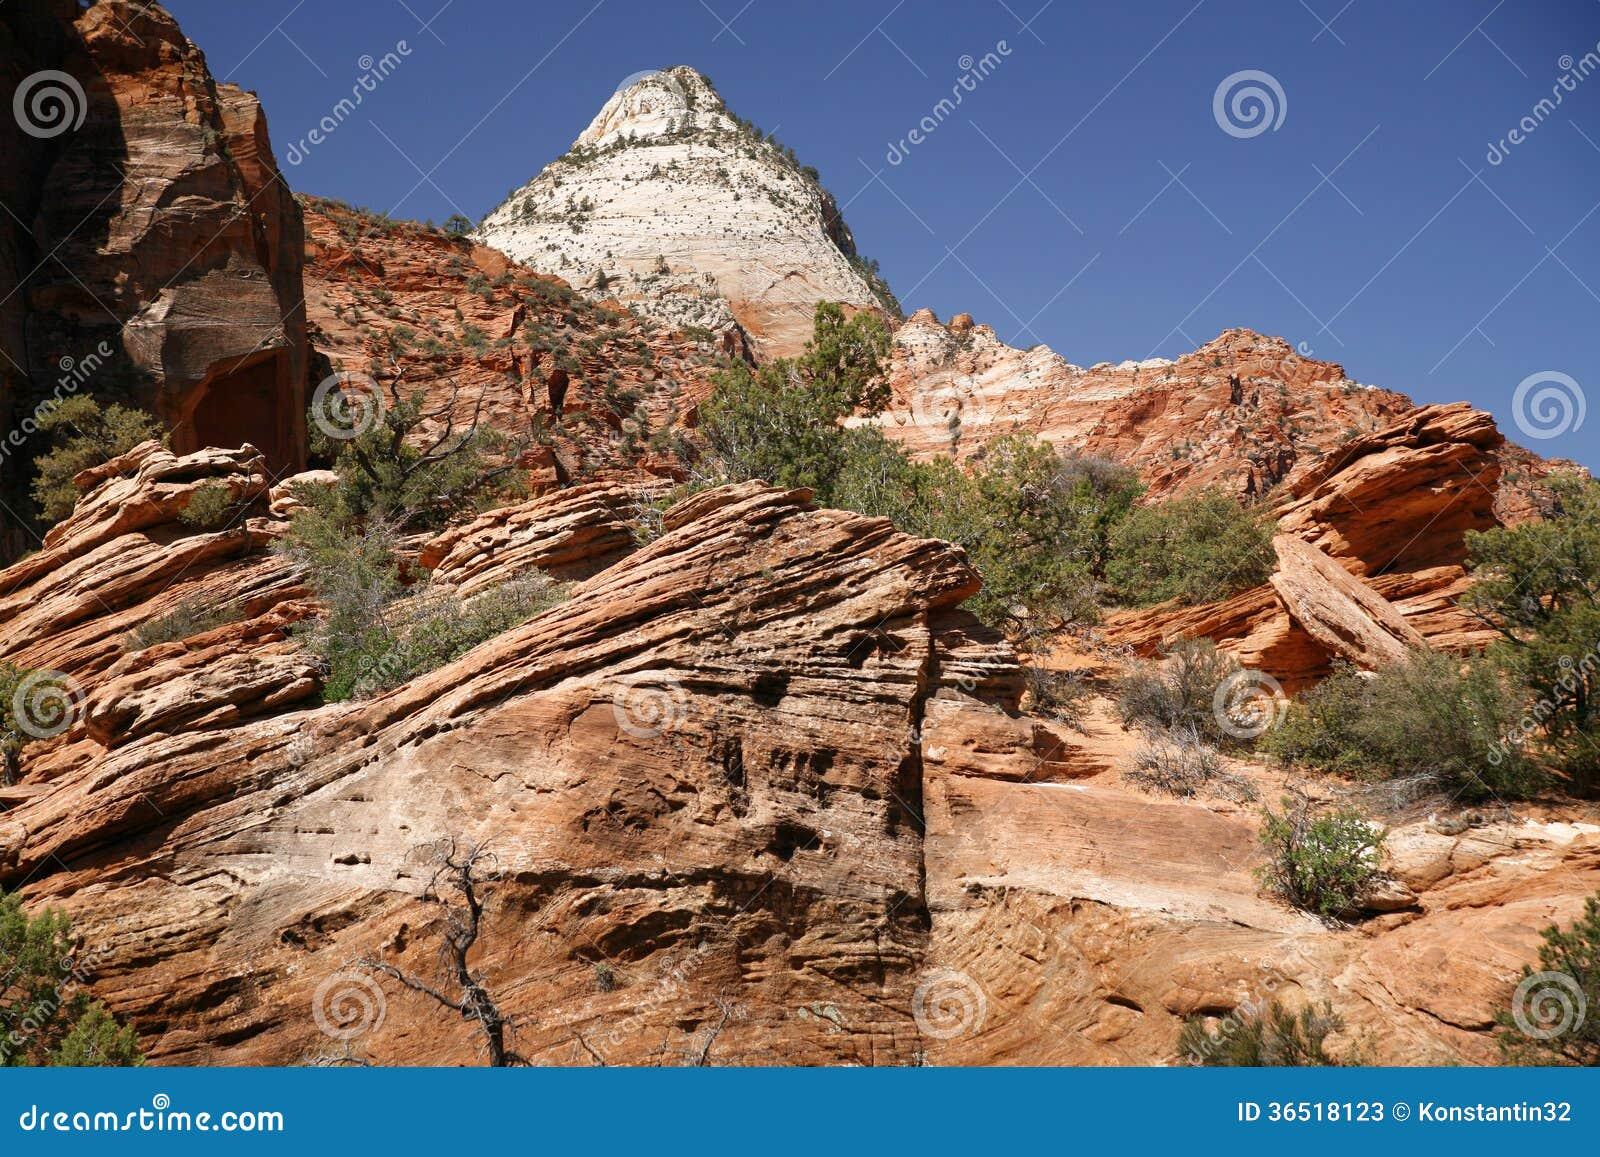 Roche en Zion National Park, Utah, Etats-Unis